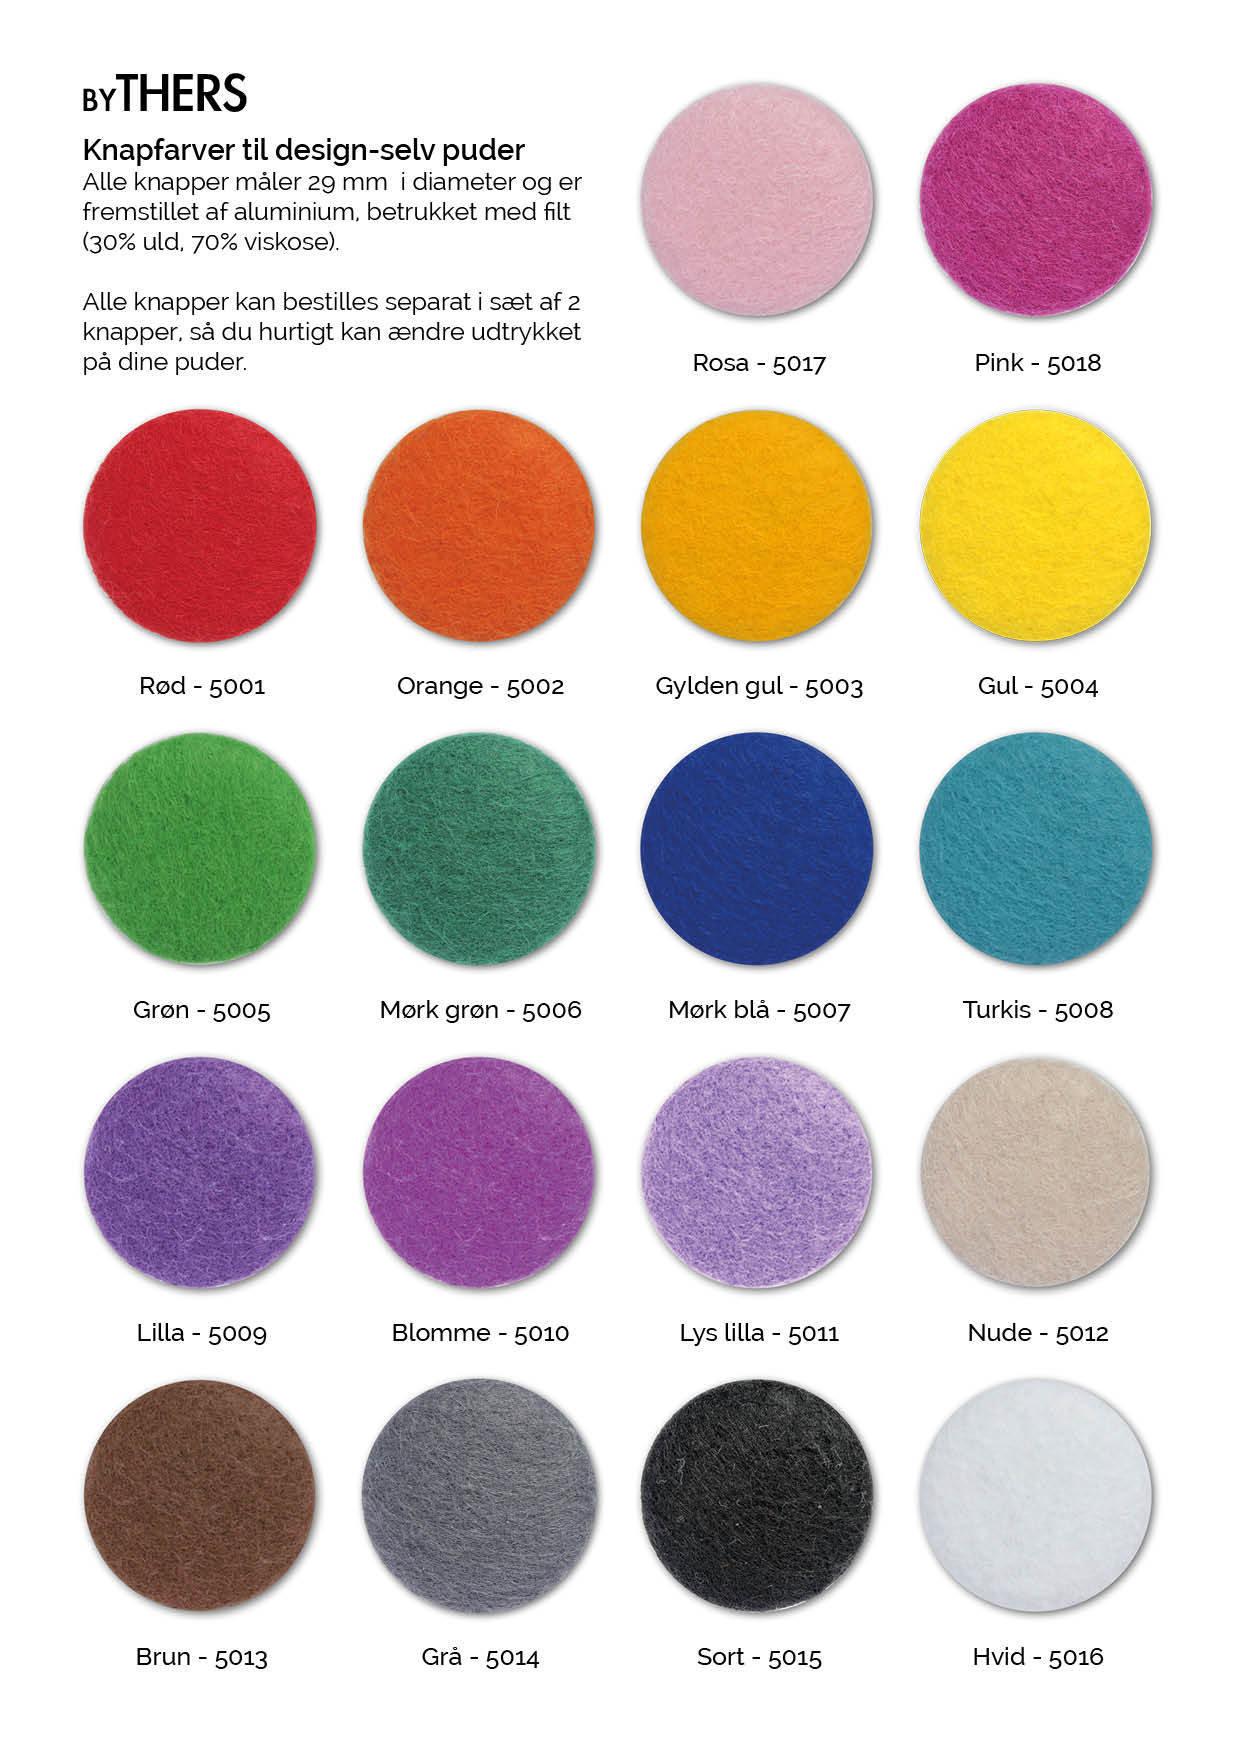 Knapfarver til byTHERS design-selv puder